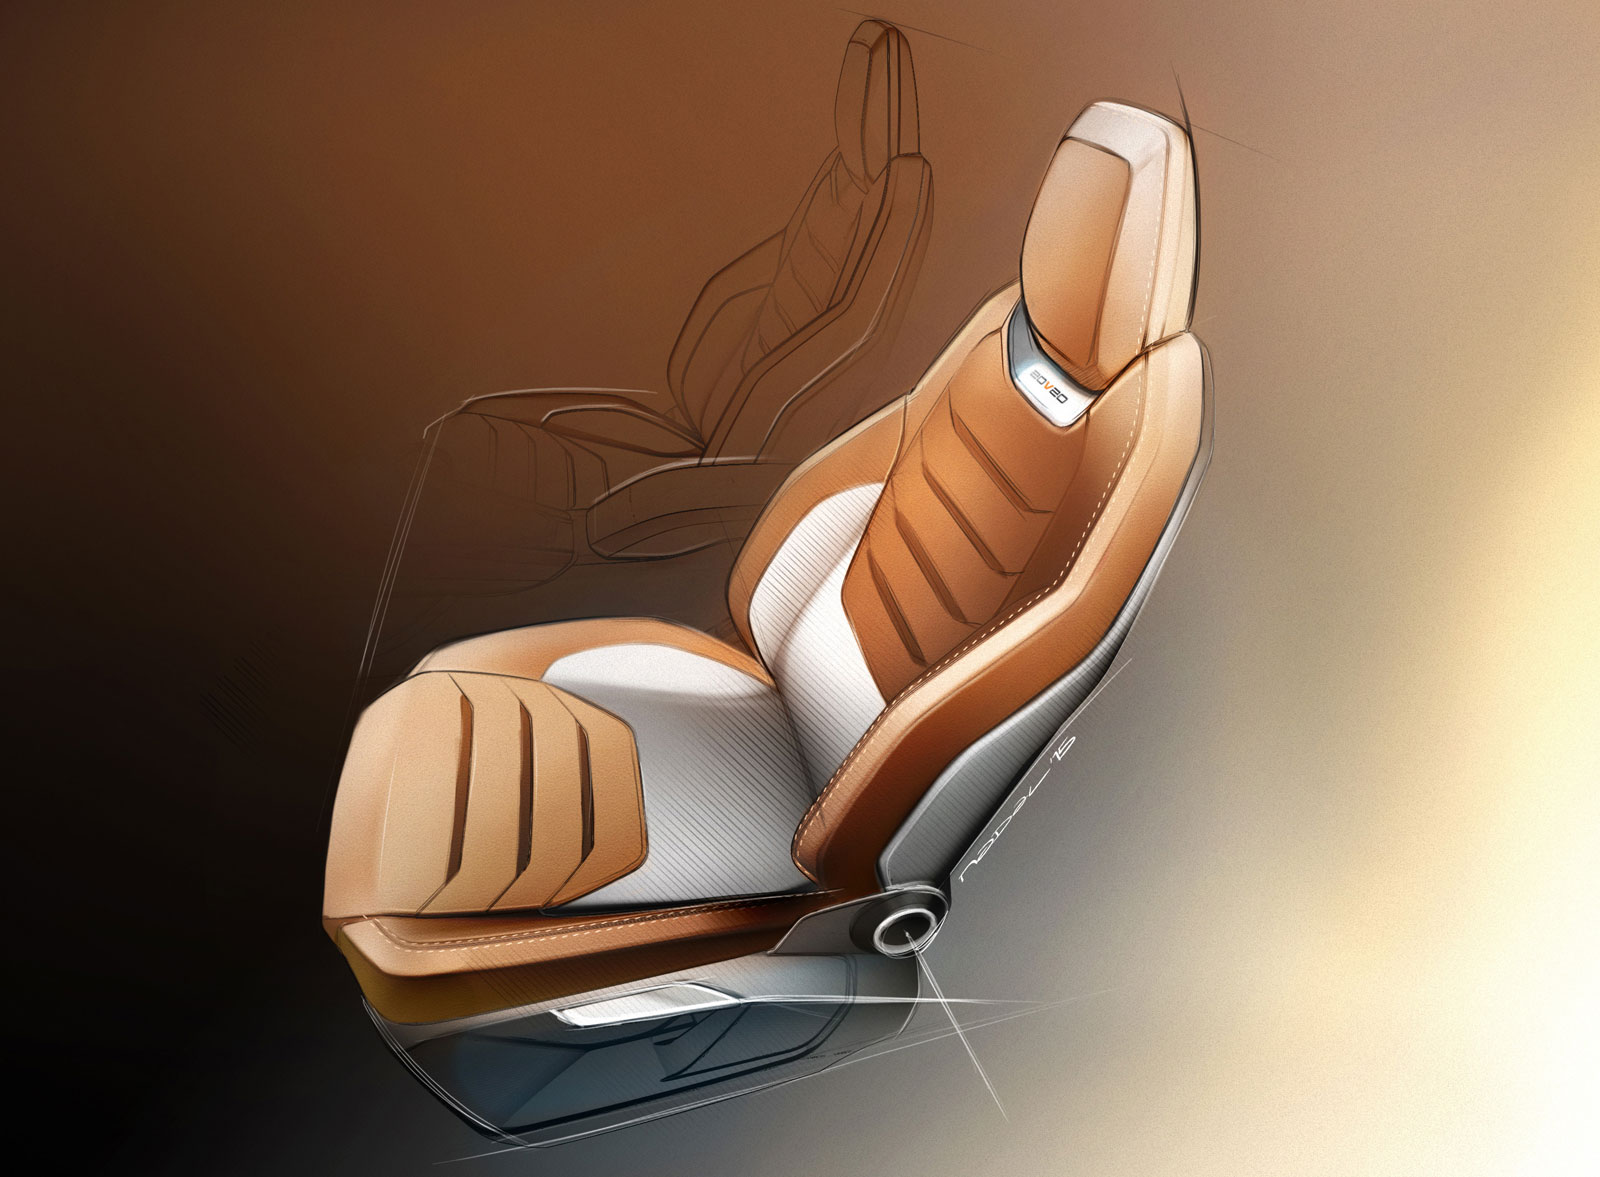 seat 20v20 concept interior design sketch seat car body design. Black Bedroom Furniture Sets. Home Design Ideas